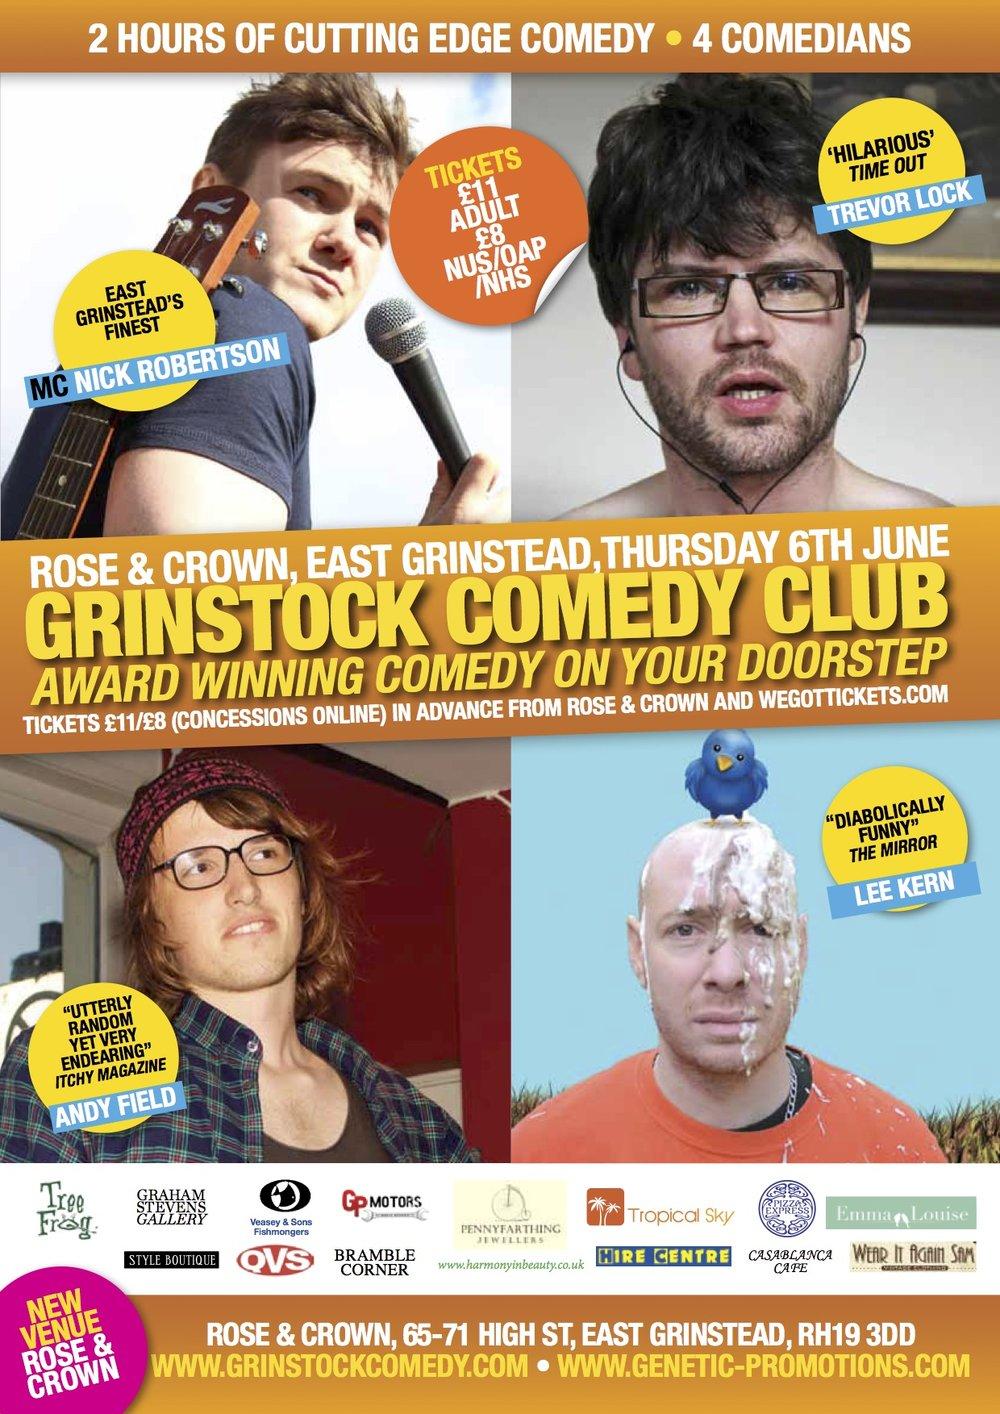 grinstock-comdey-june-2013.jpg